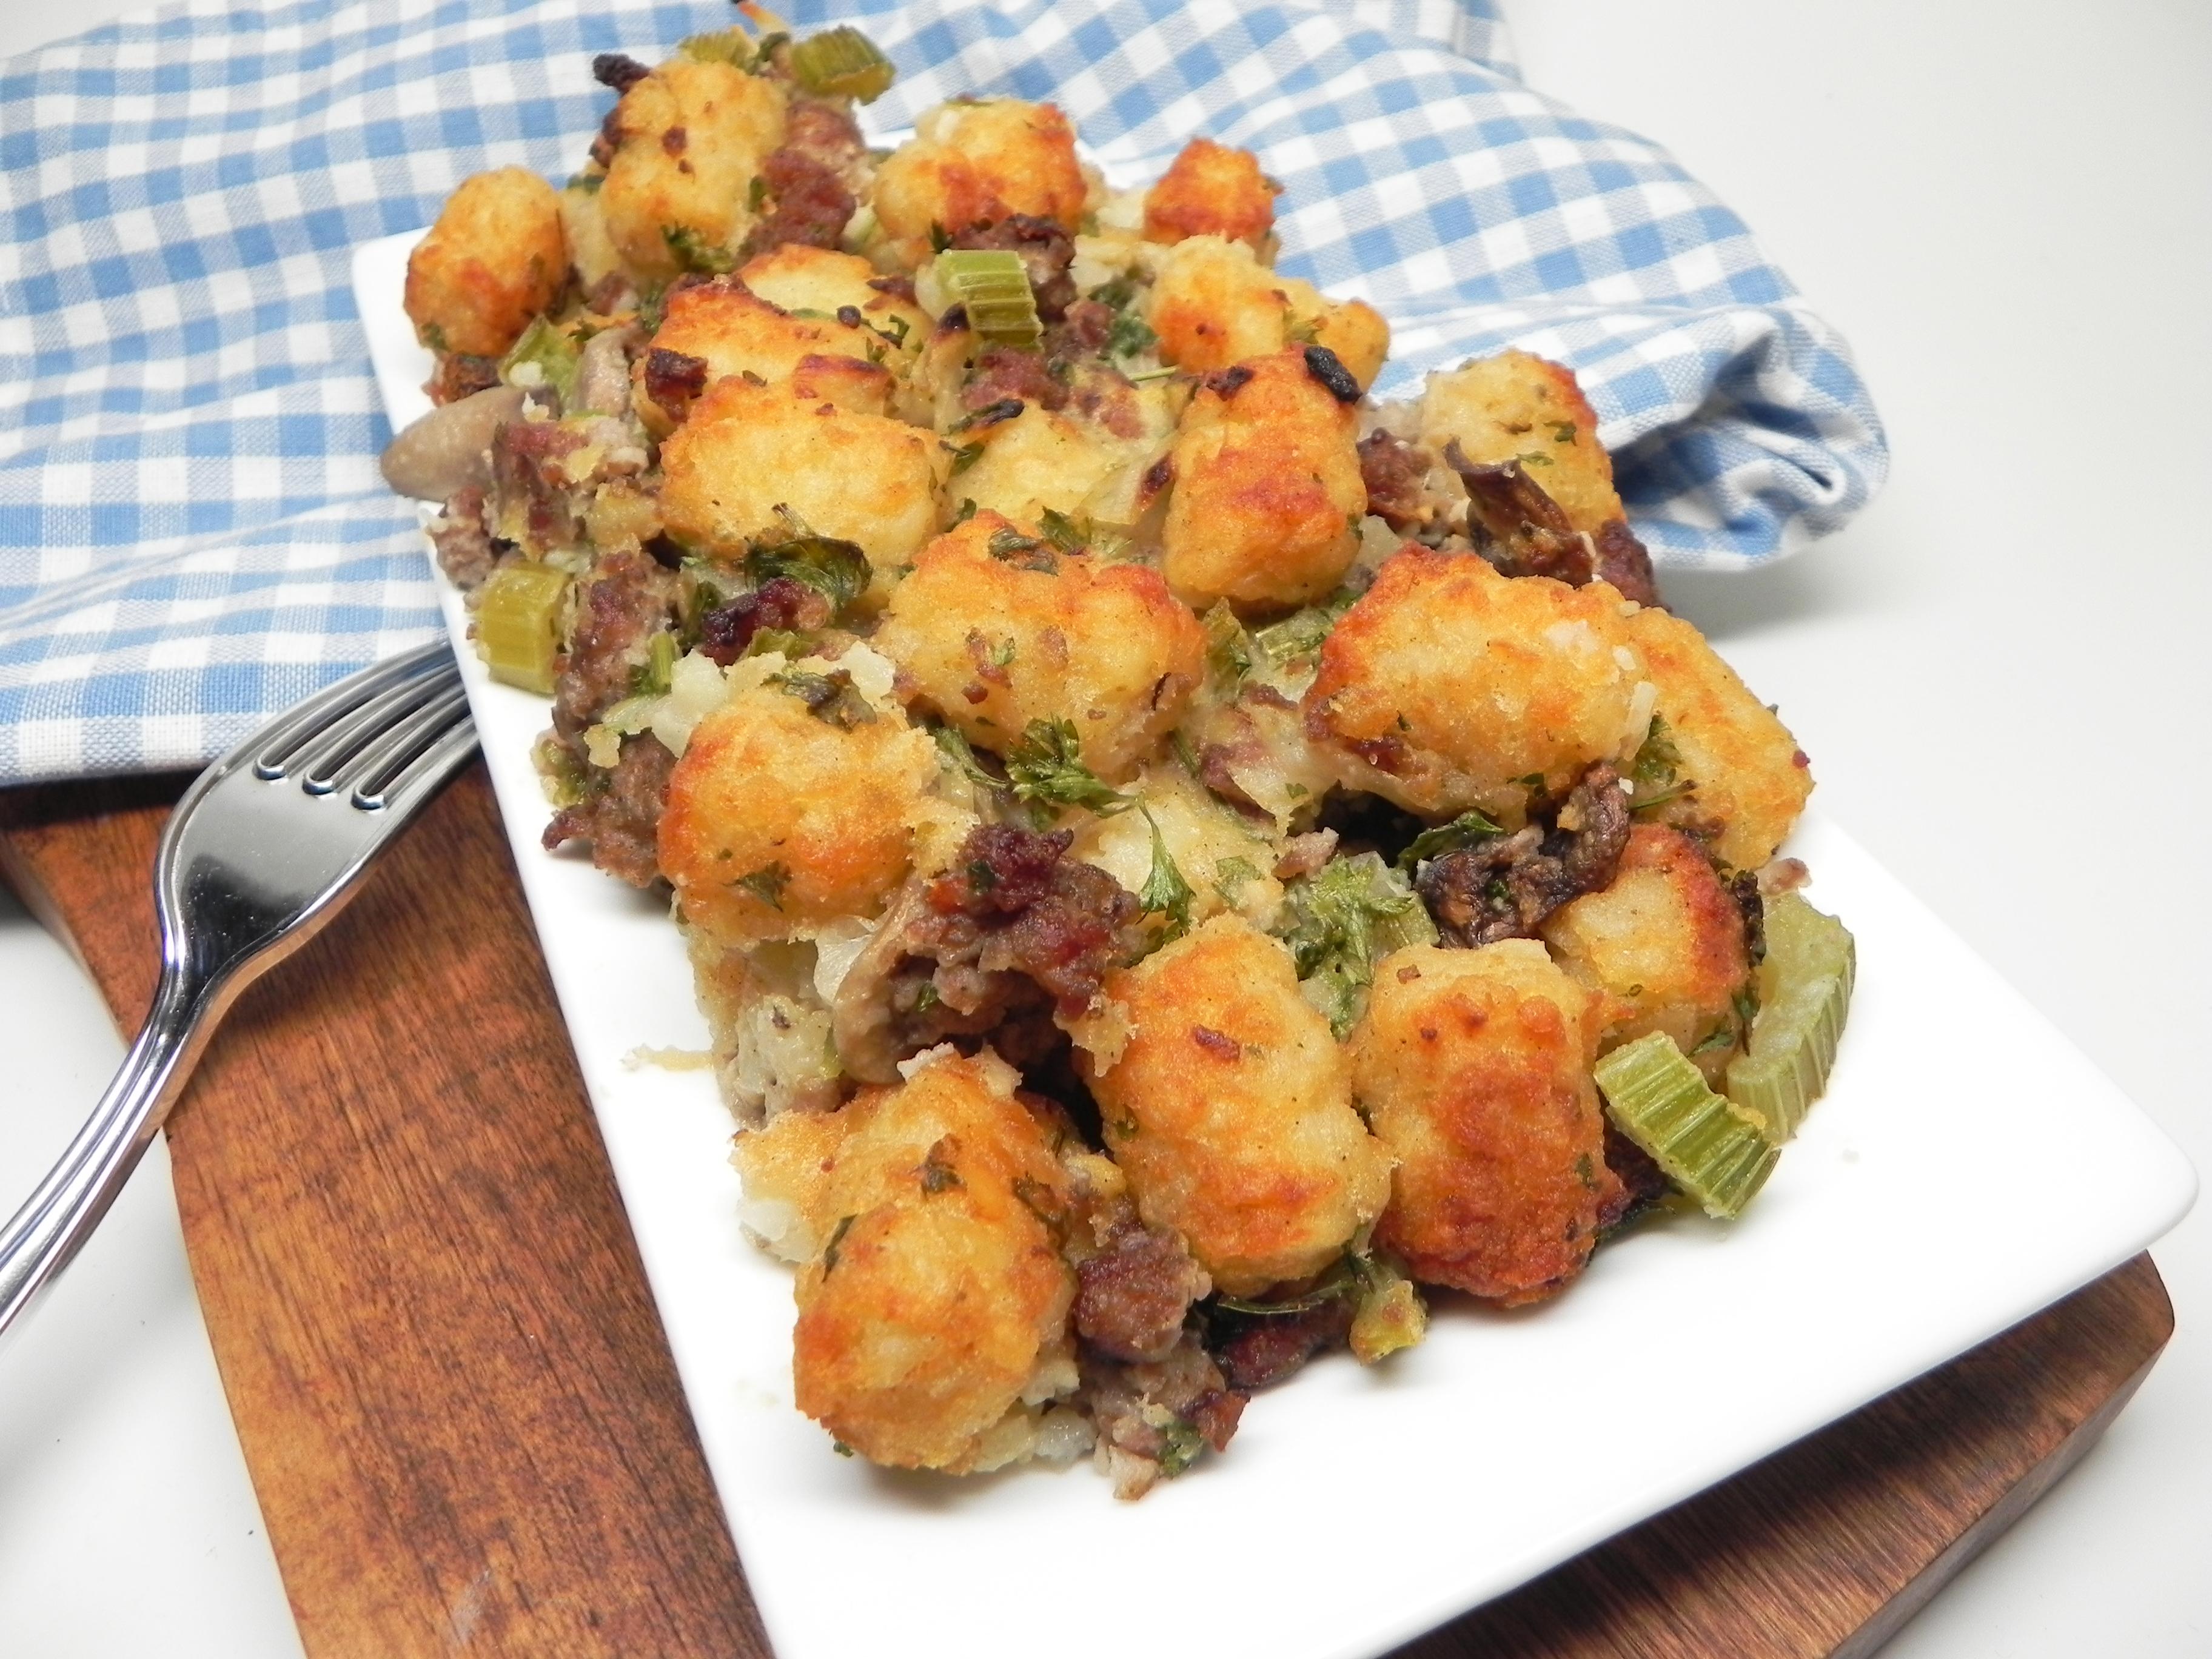 Sausage-Mushroom Tater Tot(R) Stuffing